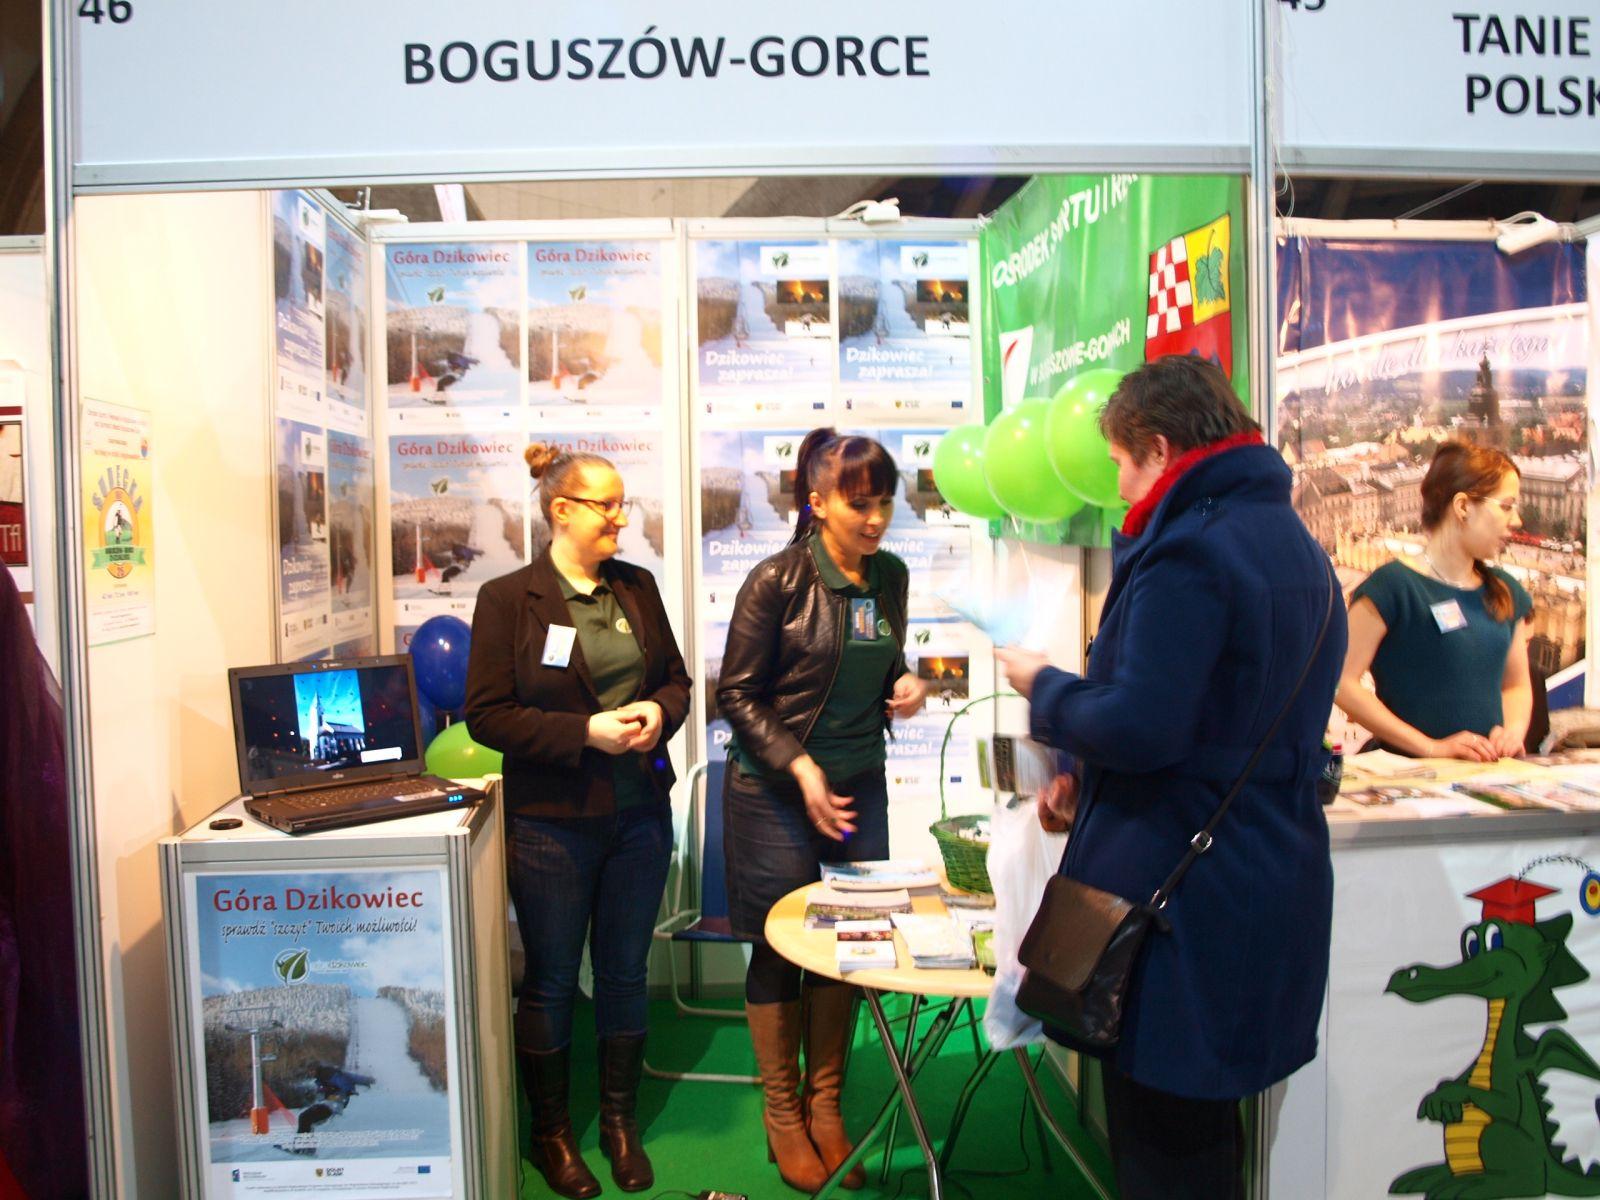 Boguszów-Gorce na Międzynarodowych Targach Turystycznych - Wrocław 2013!